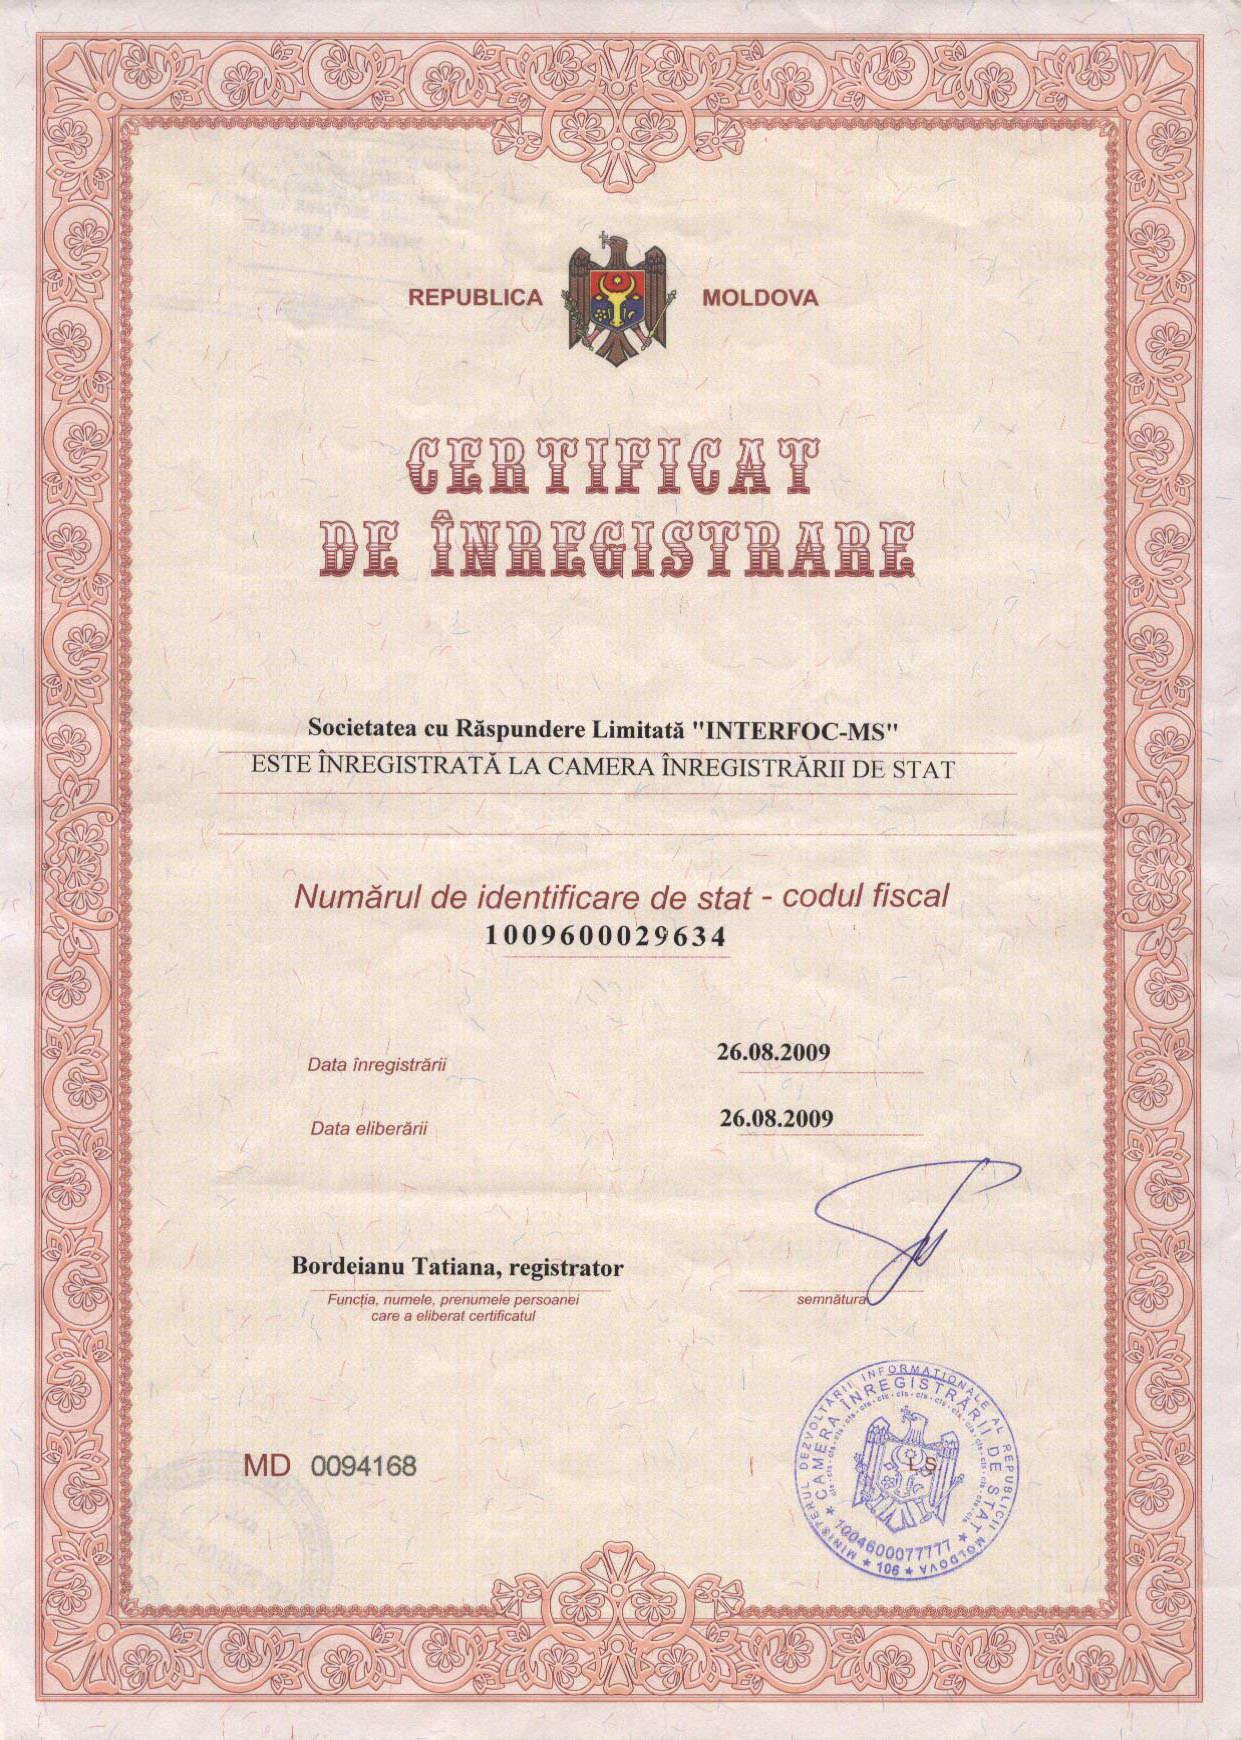 Сертификат регистрации